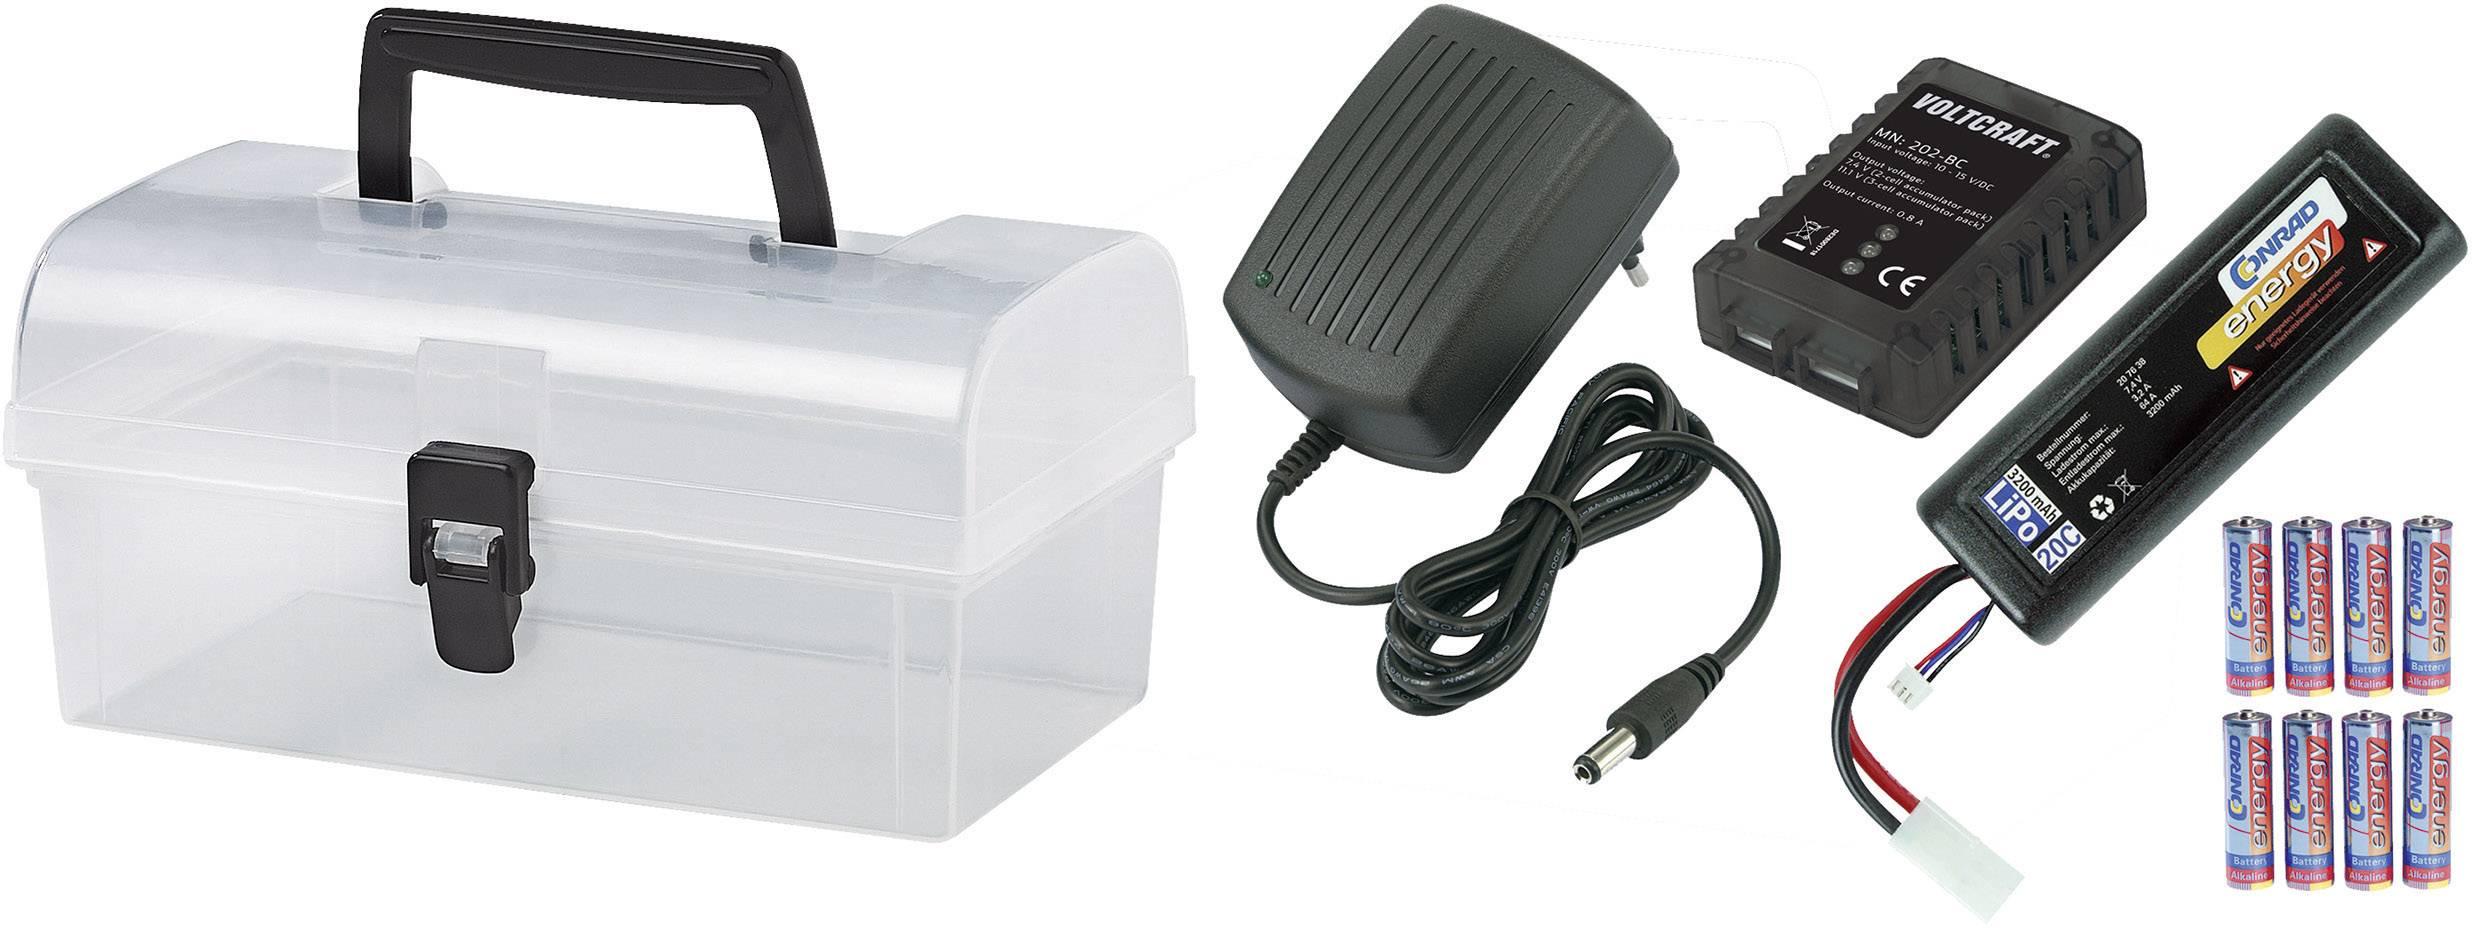 Tuningový kufřík s elektrodíly pro bezkomutátorové motory, Reely 205530